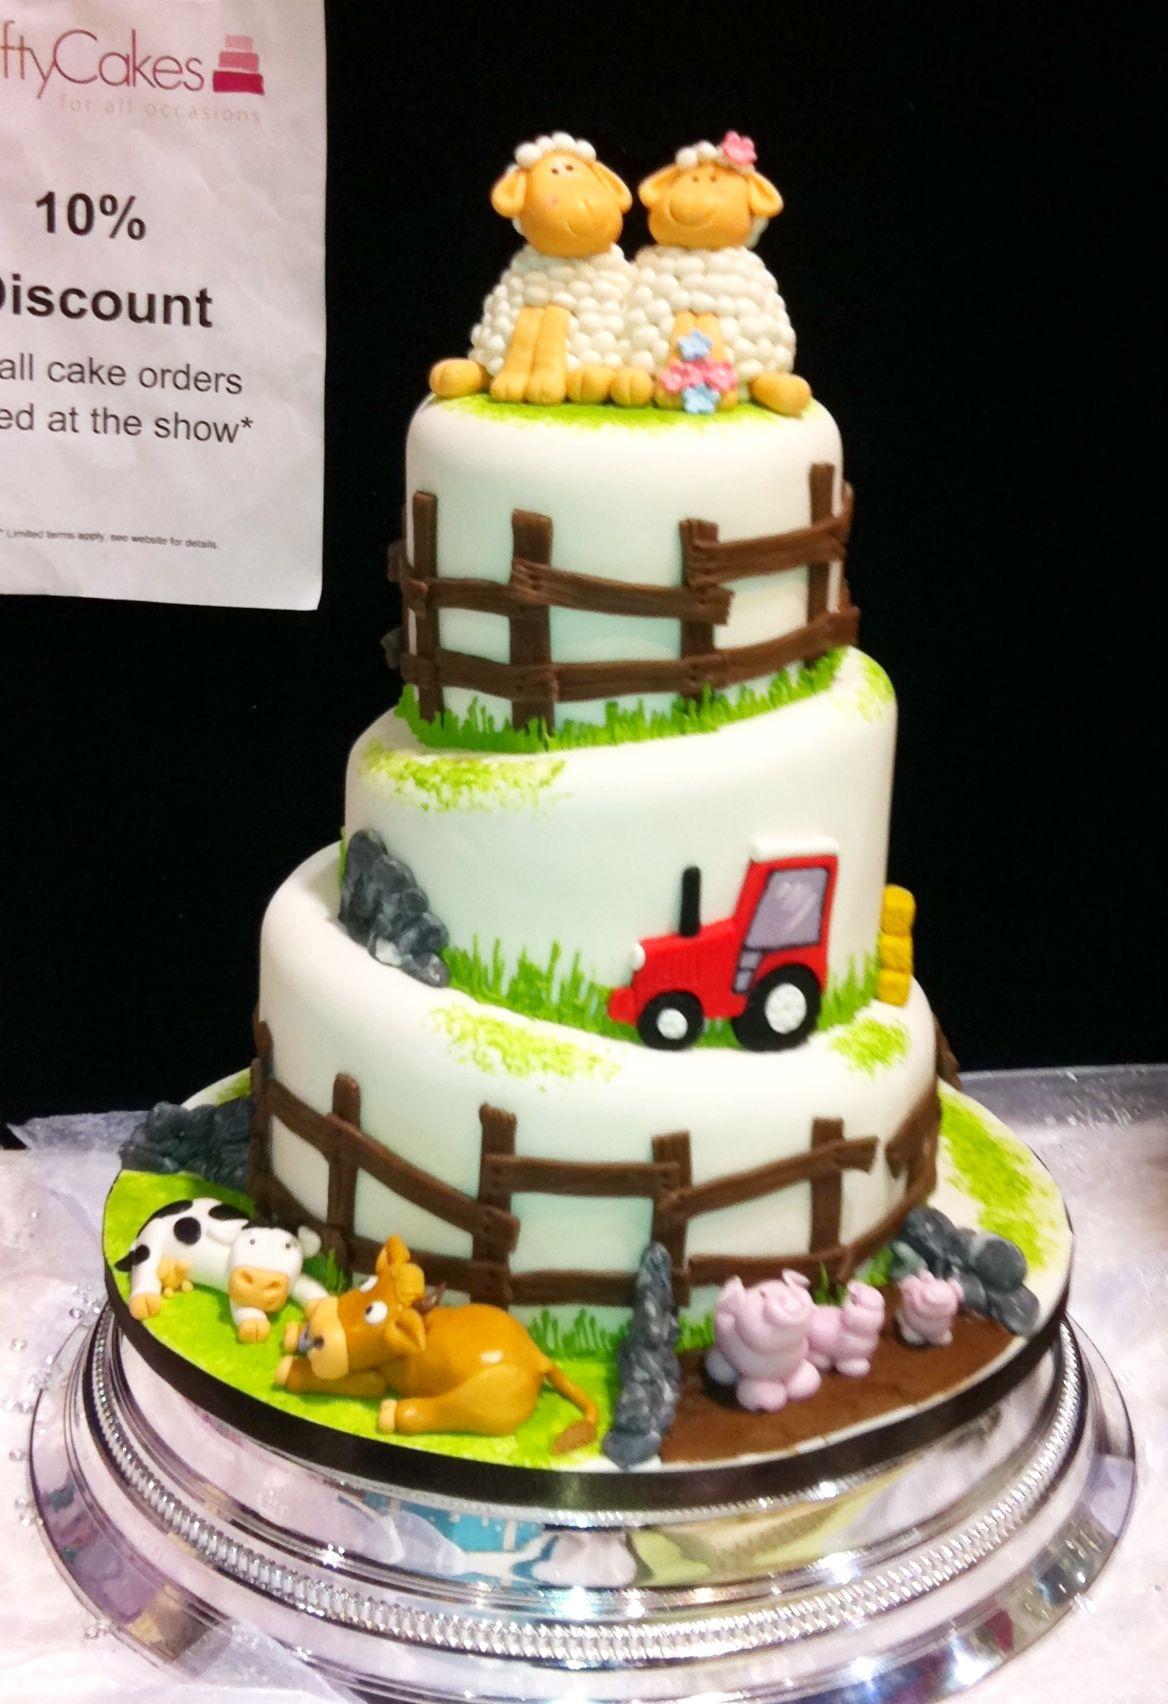 Farmers Wedding Cake Love It Cake Ideas Pinterest Farmers